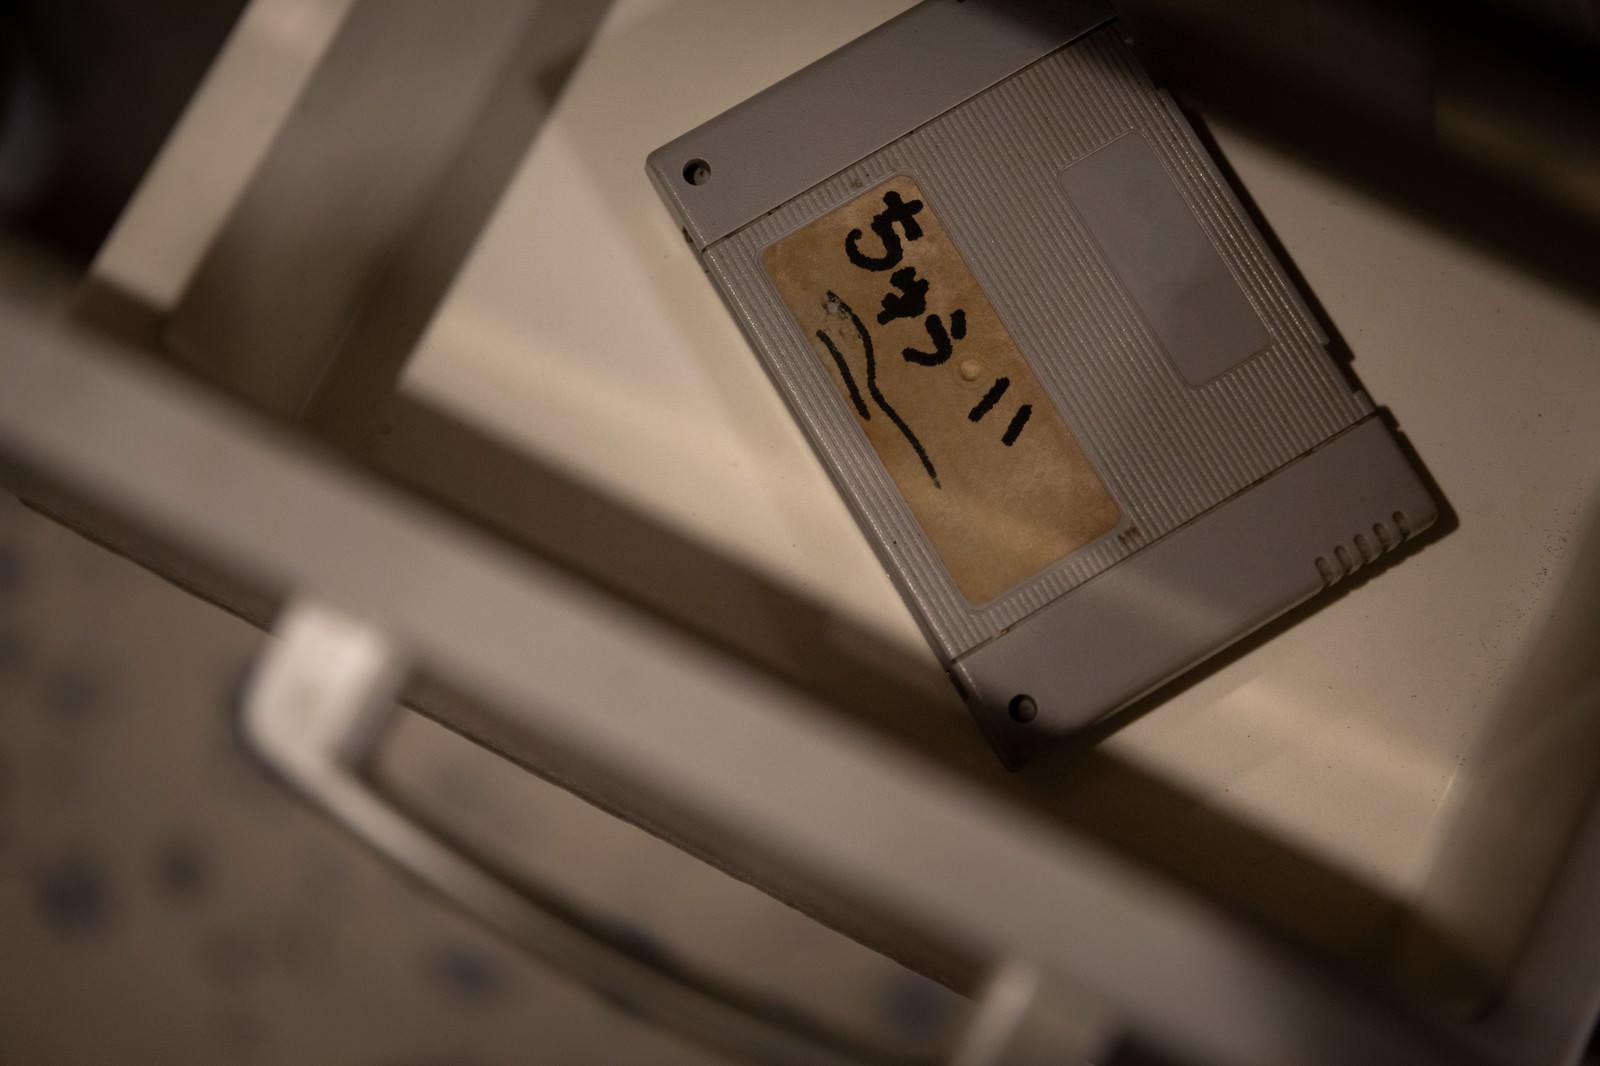 「借りパクしたカセットに「ちゅうい」と書かれていた」の写真